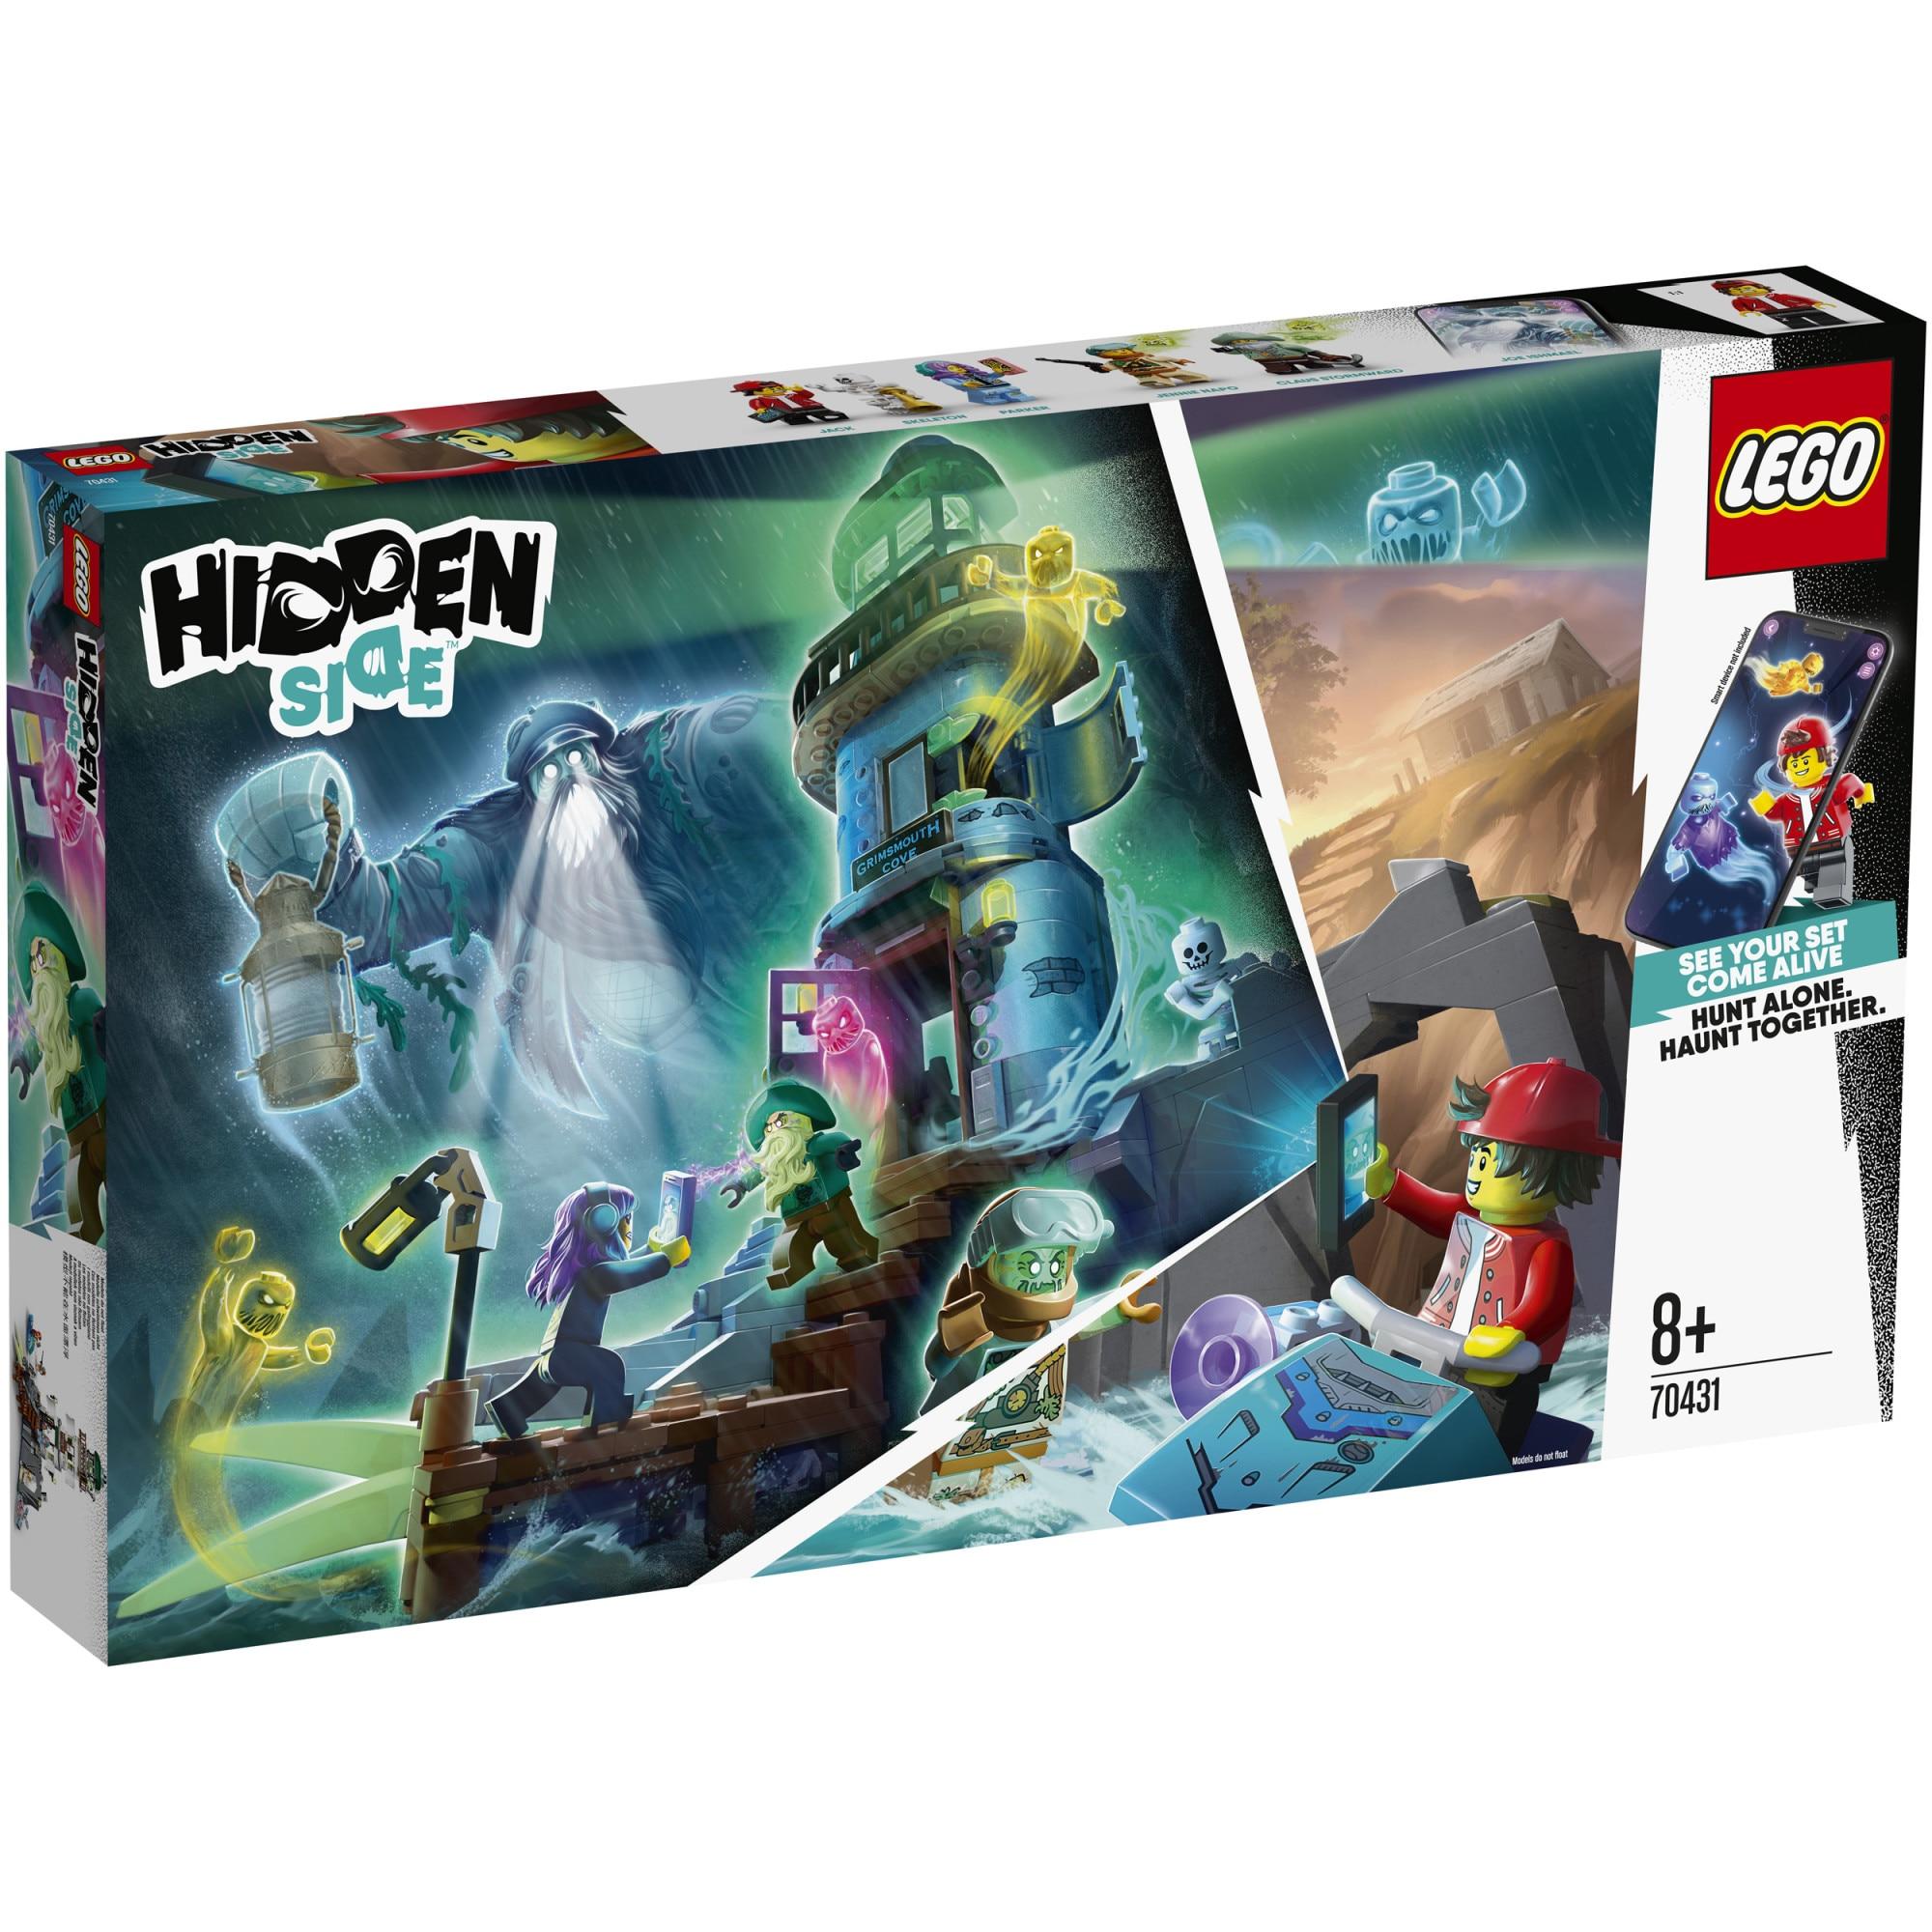 Fotografie LEGO Hidden Side - Farul intunericului 70431